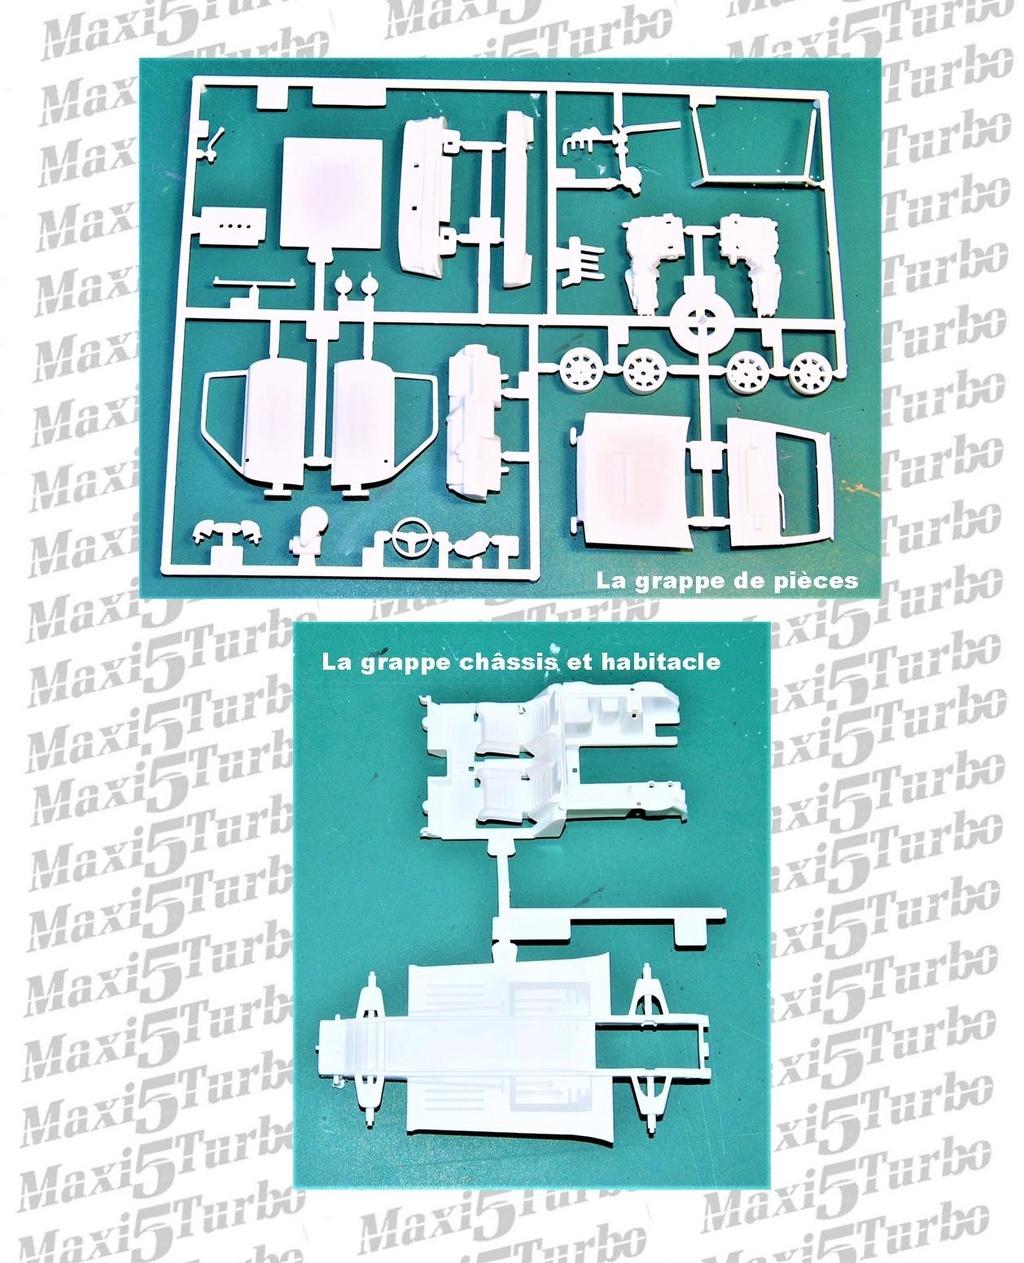 (1/24) Renault 5 Maxi turbo Ref 80717 ( Hors delai ) Image124